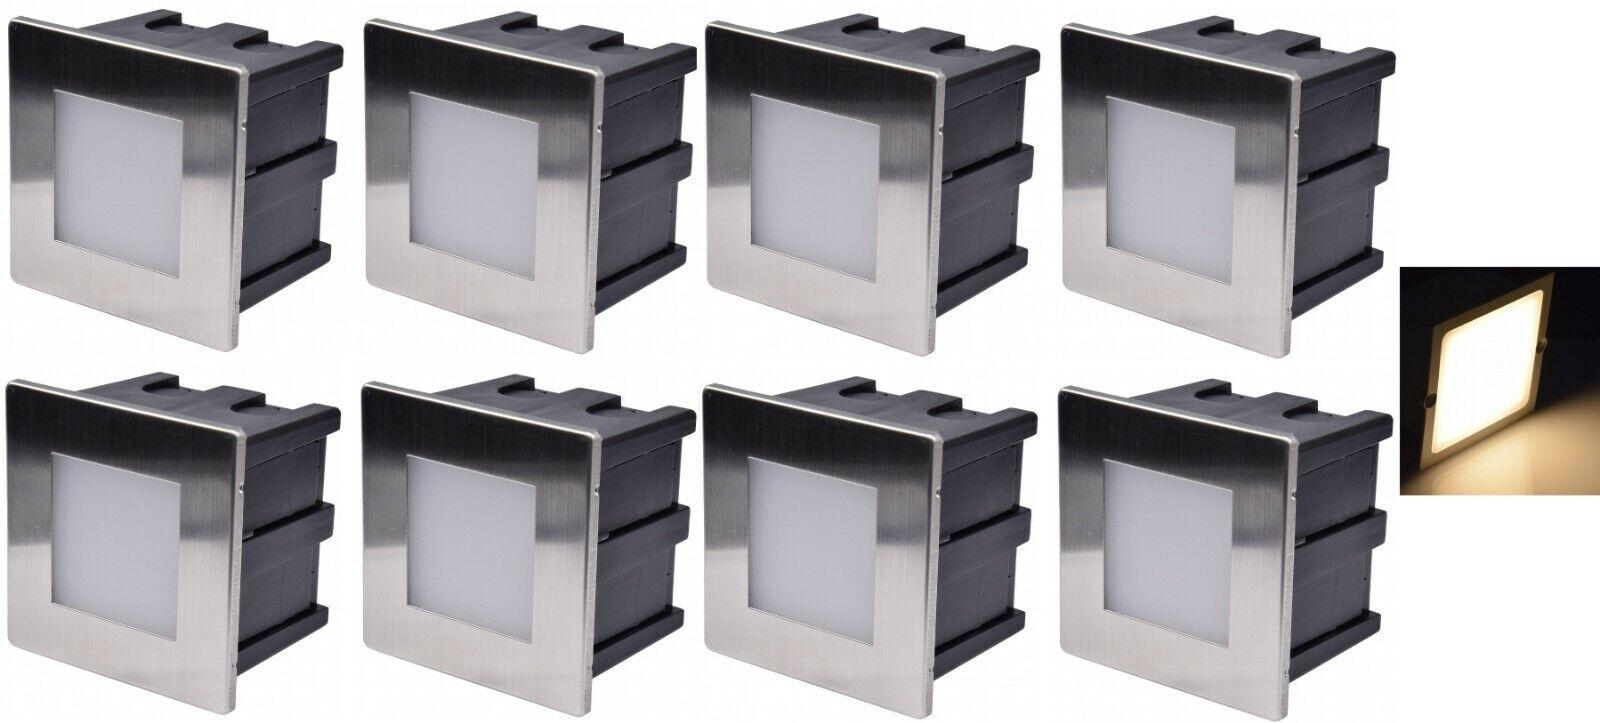 8 x LED-Wand-Einbauleuchte Boden Treppenleuchte Treppenleuchte Treppenleuchte Stufenleuchte 230V IP65, 8x8cm | Authentische Garantie  | Online  | Gewinnen Sie das Lob der Kunden  ecc42a